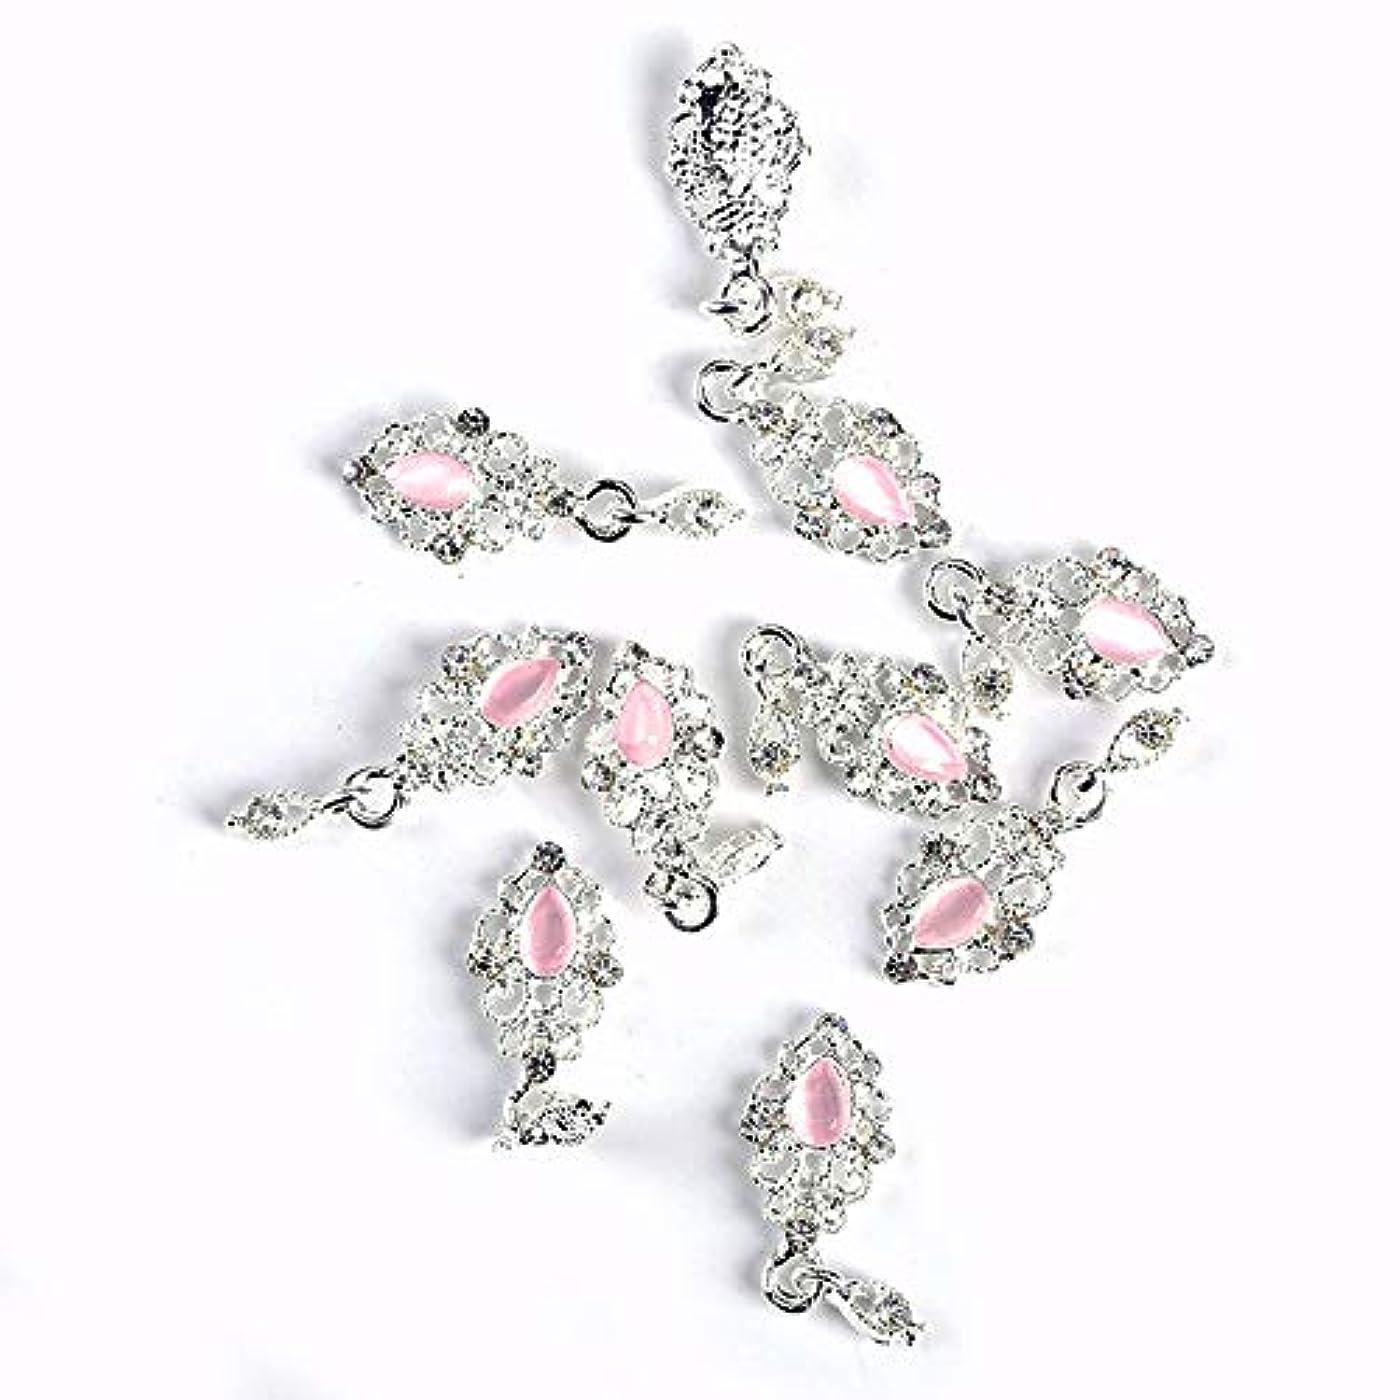 恐ろしい首相慣習10PCSの3D釘アクセサリーメタルシルバーネイルペンダントデザインモザイクピンクの宝石チャームは、アートの装飾DIYマニキュアネイル